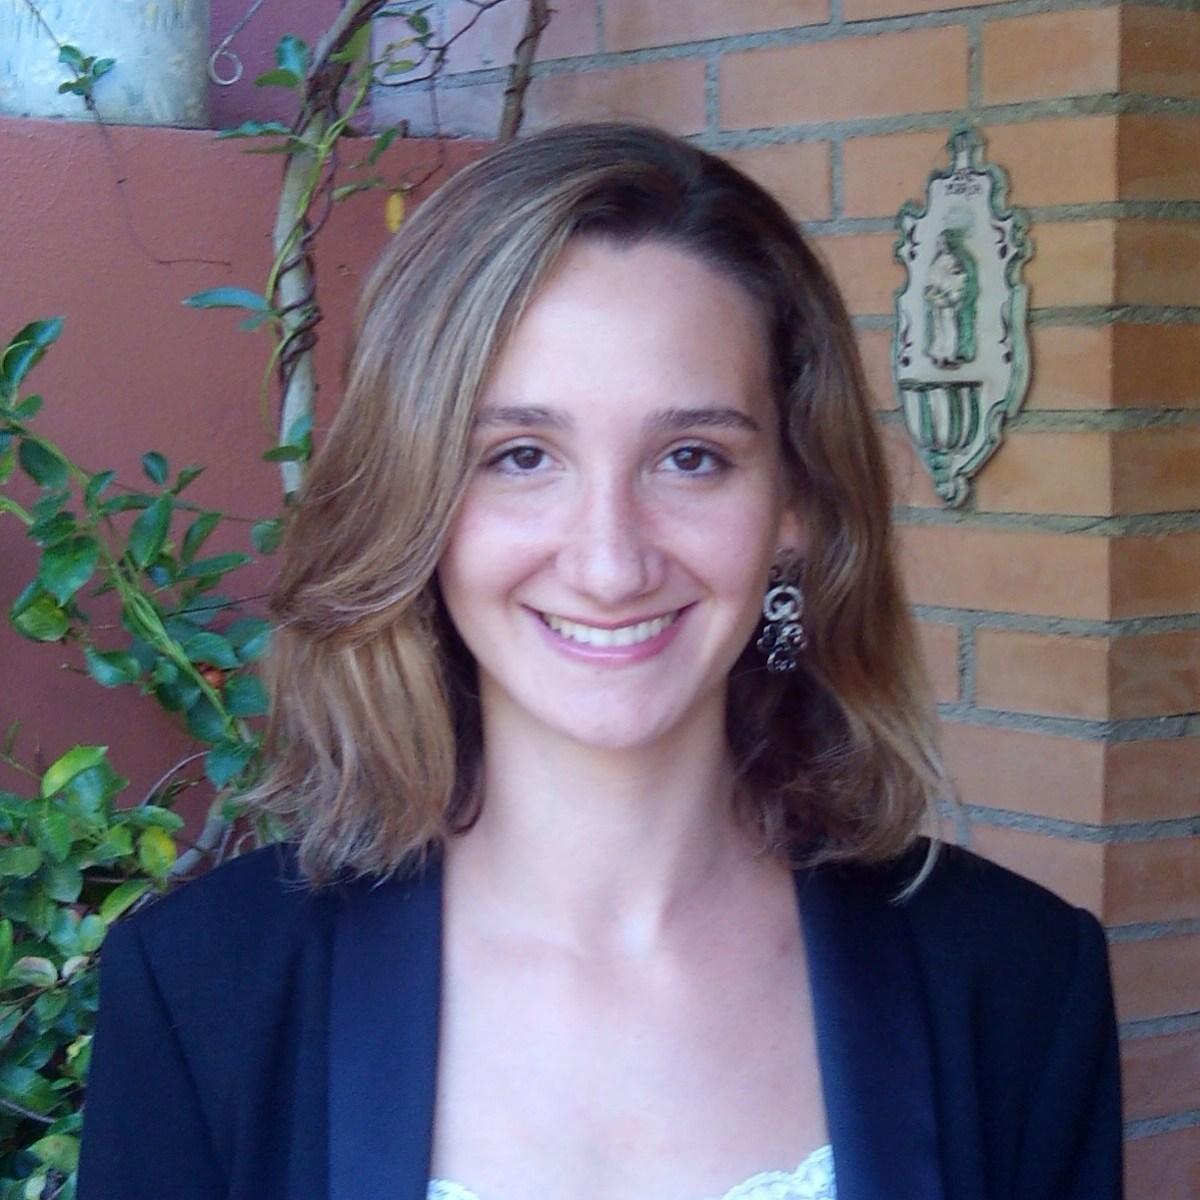 Joaquina María Pan Pérez-Villalobos